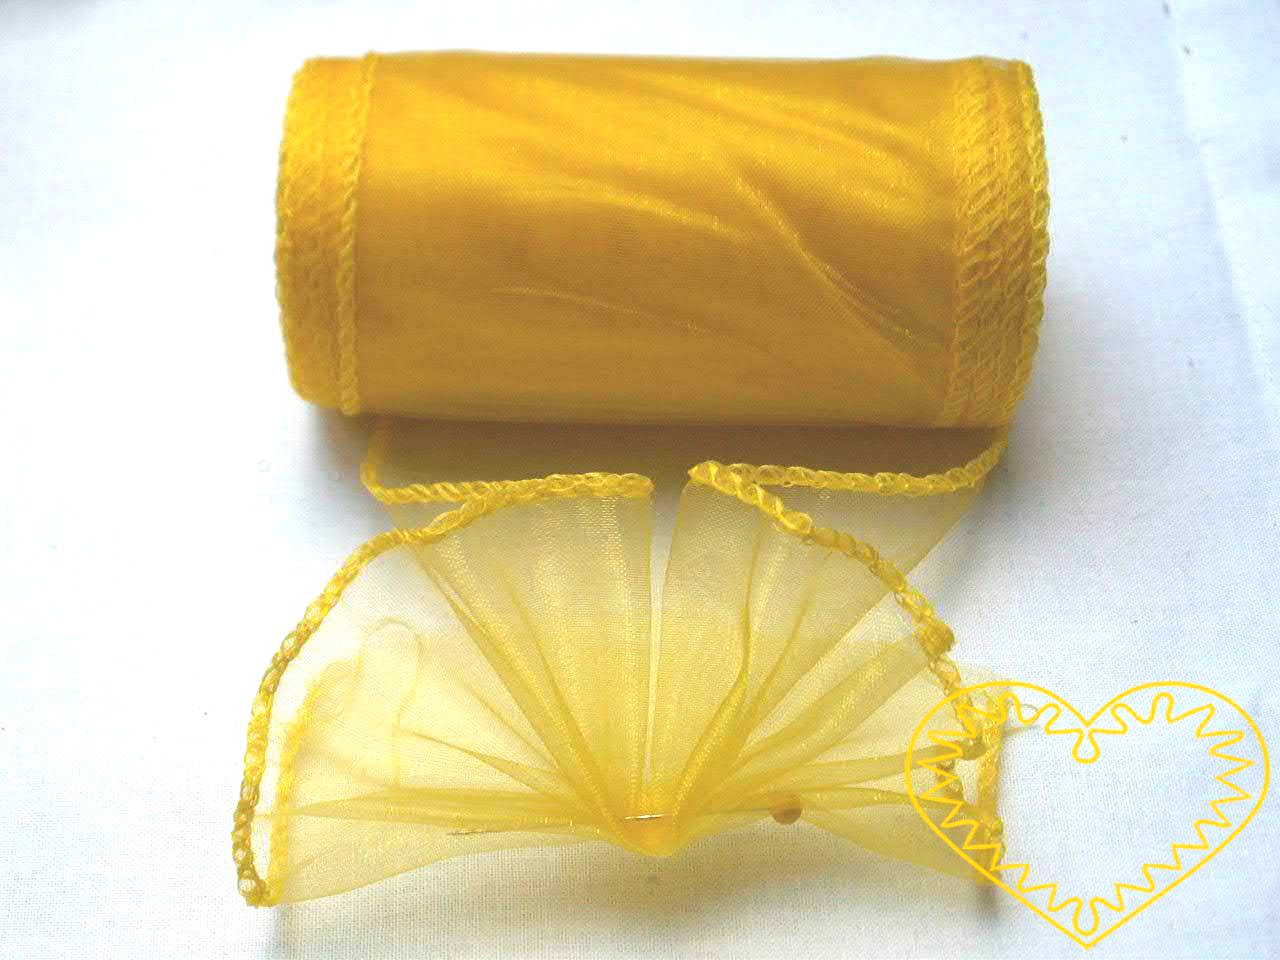 Organza žlutá - šíře 10 cm, délka 9,14 m, z obou stran obroubená. Organza má široké využítí - k dekoračním účelům, k šití, do květinových aranžmá, pro výzdobu slavnostní tabule, k balení dárků, jako mašle, na výrobu broží i dalších ozdob.